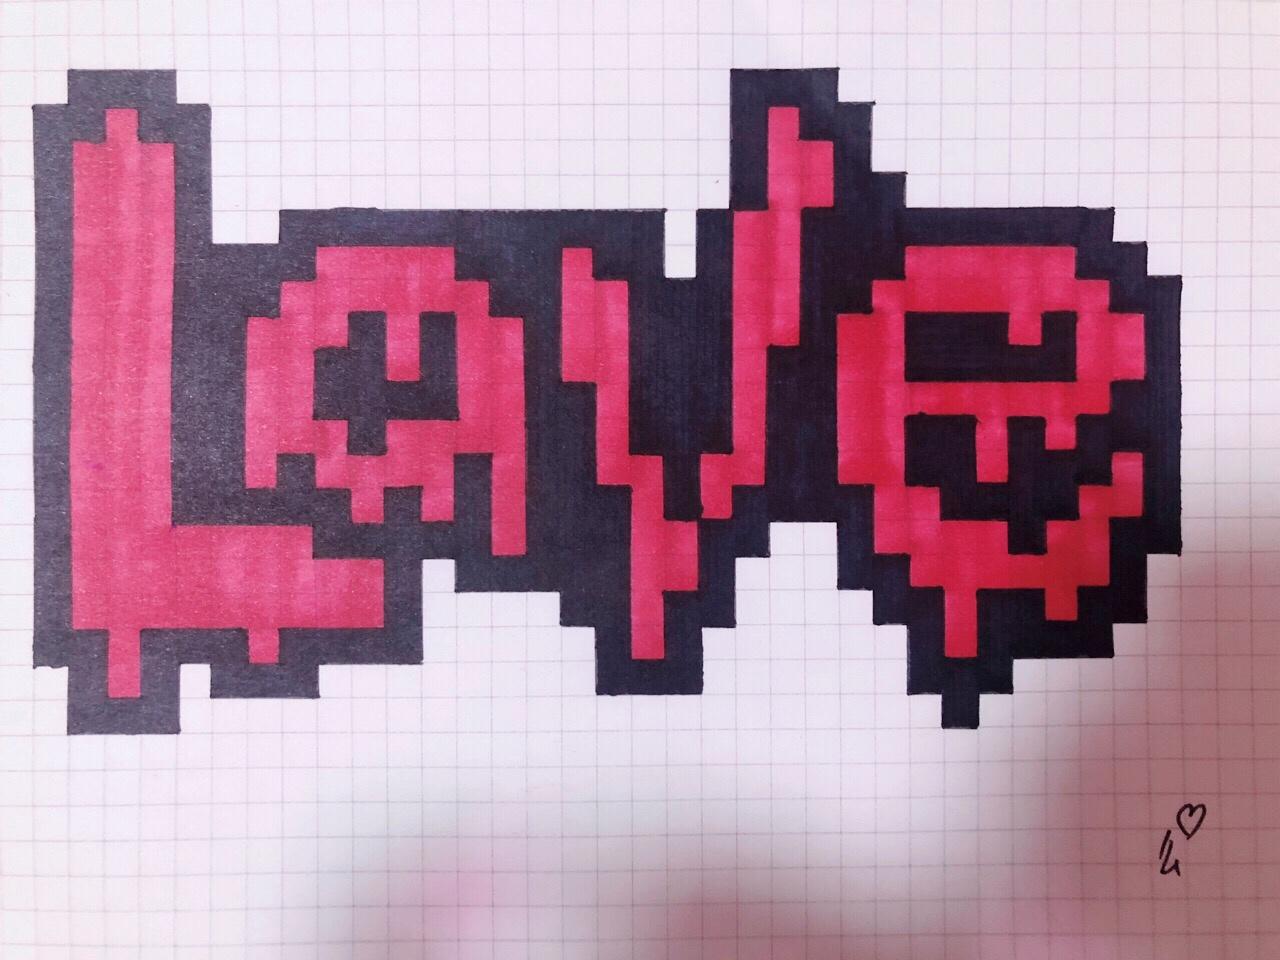 像素画love 对你爱爱爱不完 工具 网格本 马克笔120 4